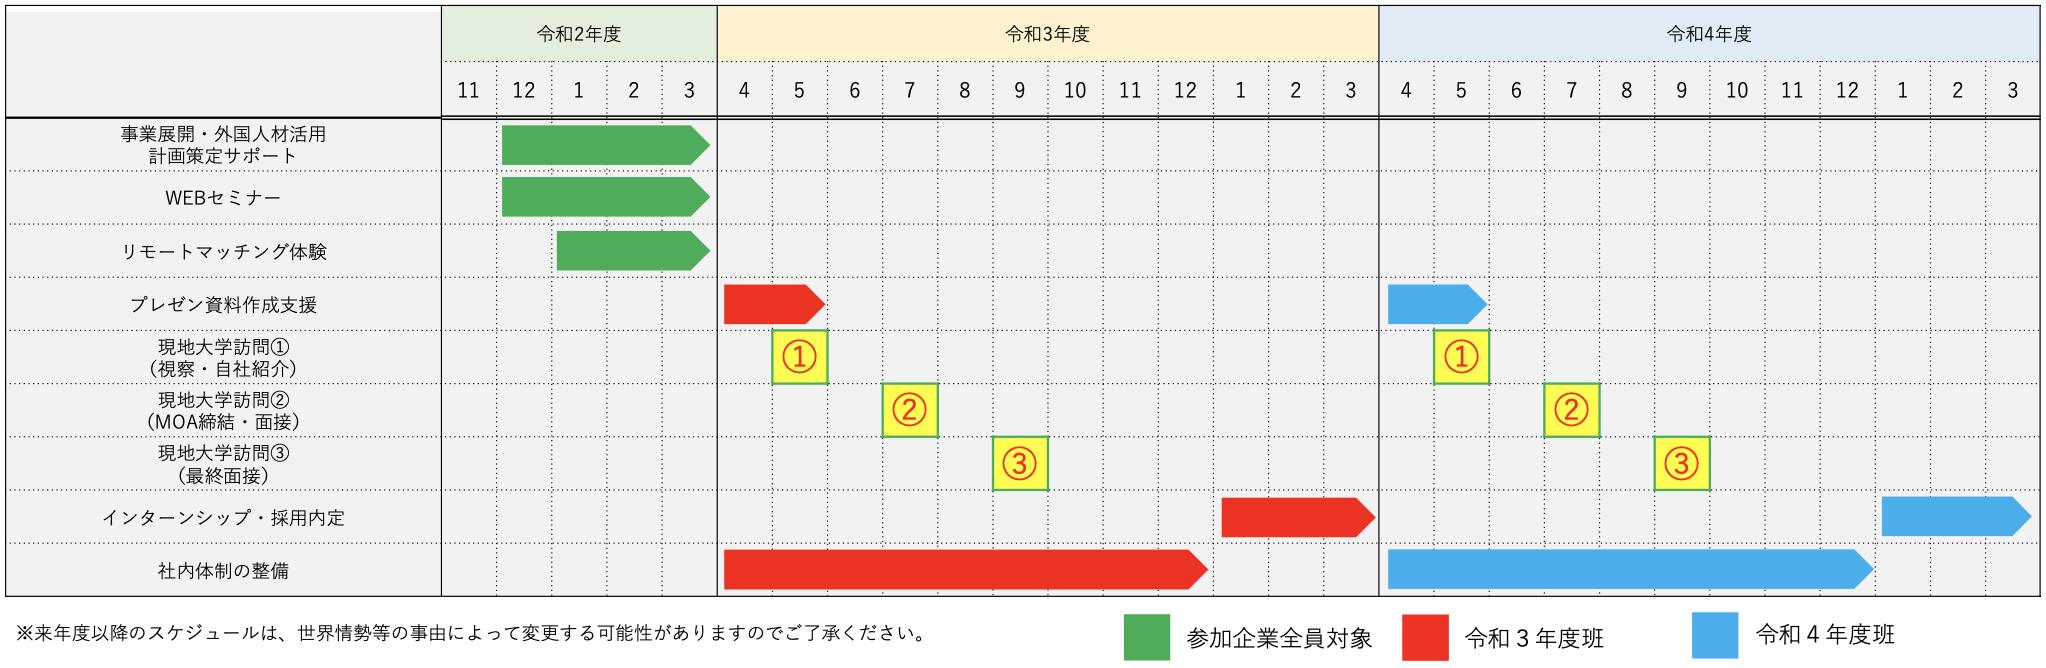 実施スケジュール表